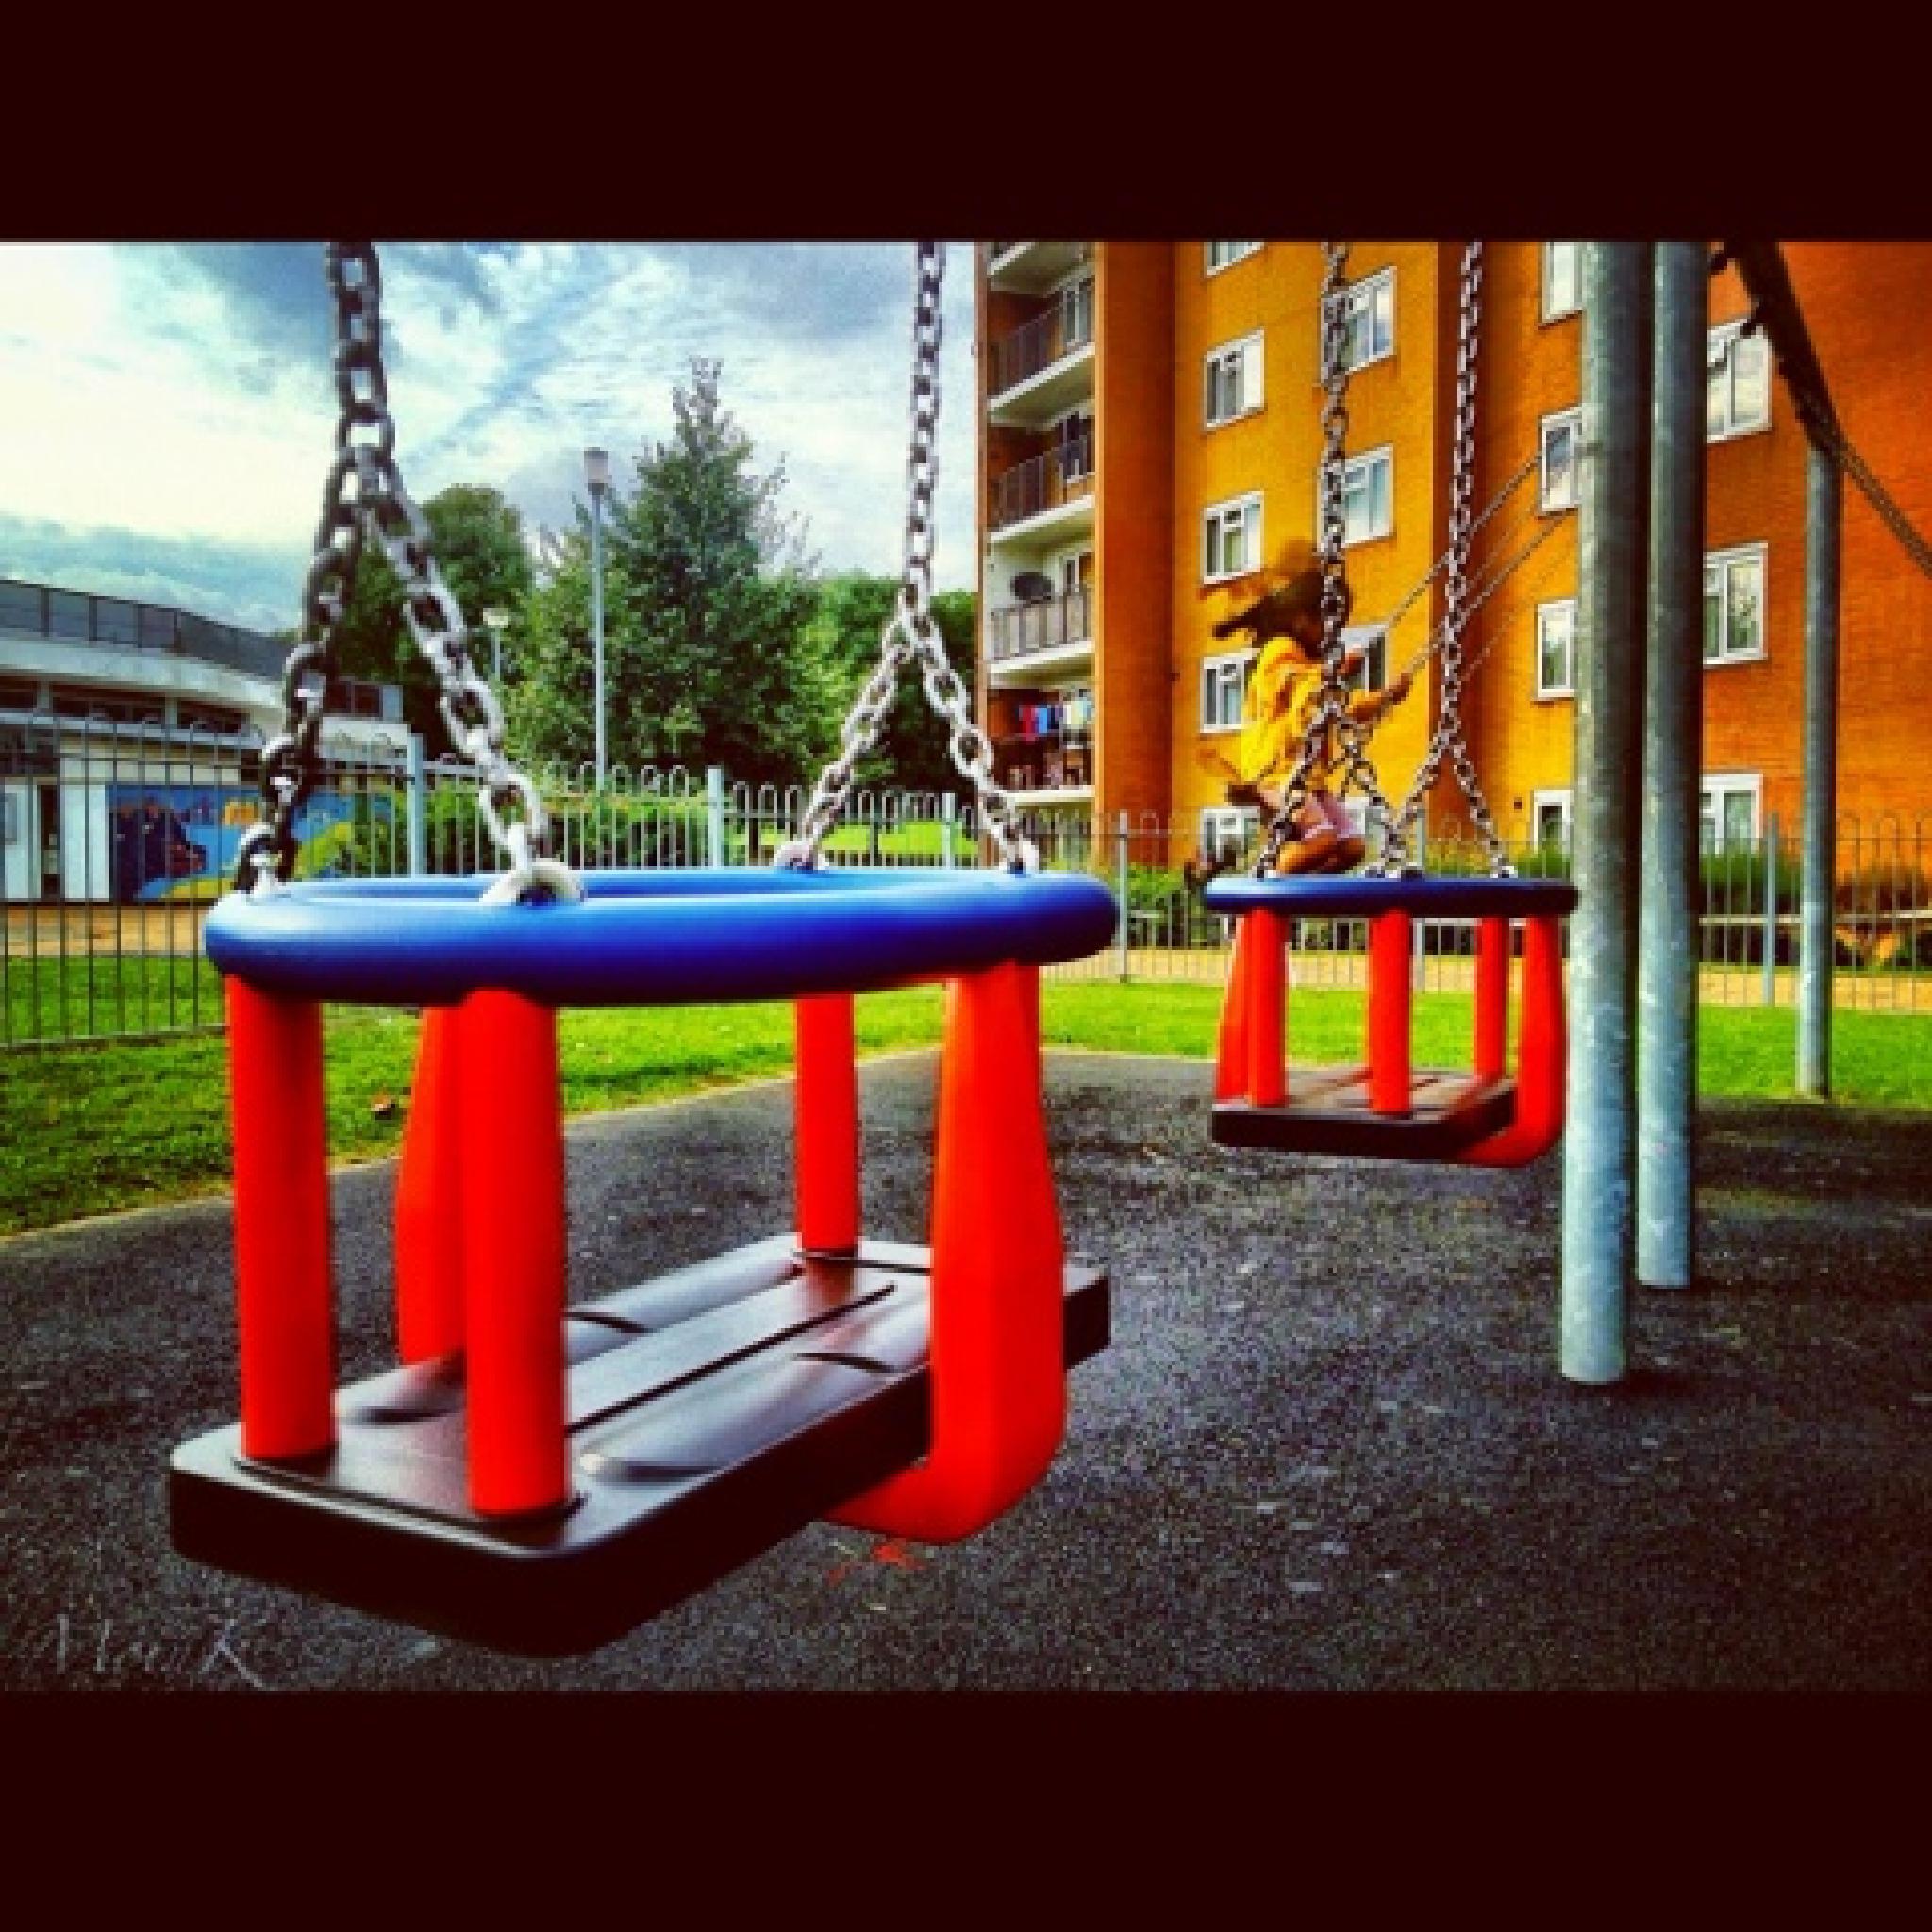 Kid's playground by Michelangelo Macanas